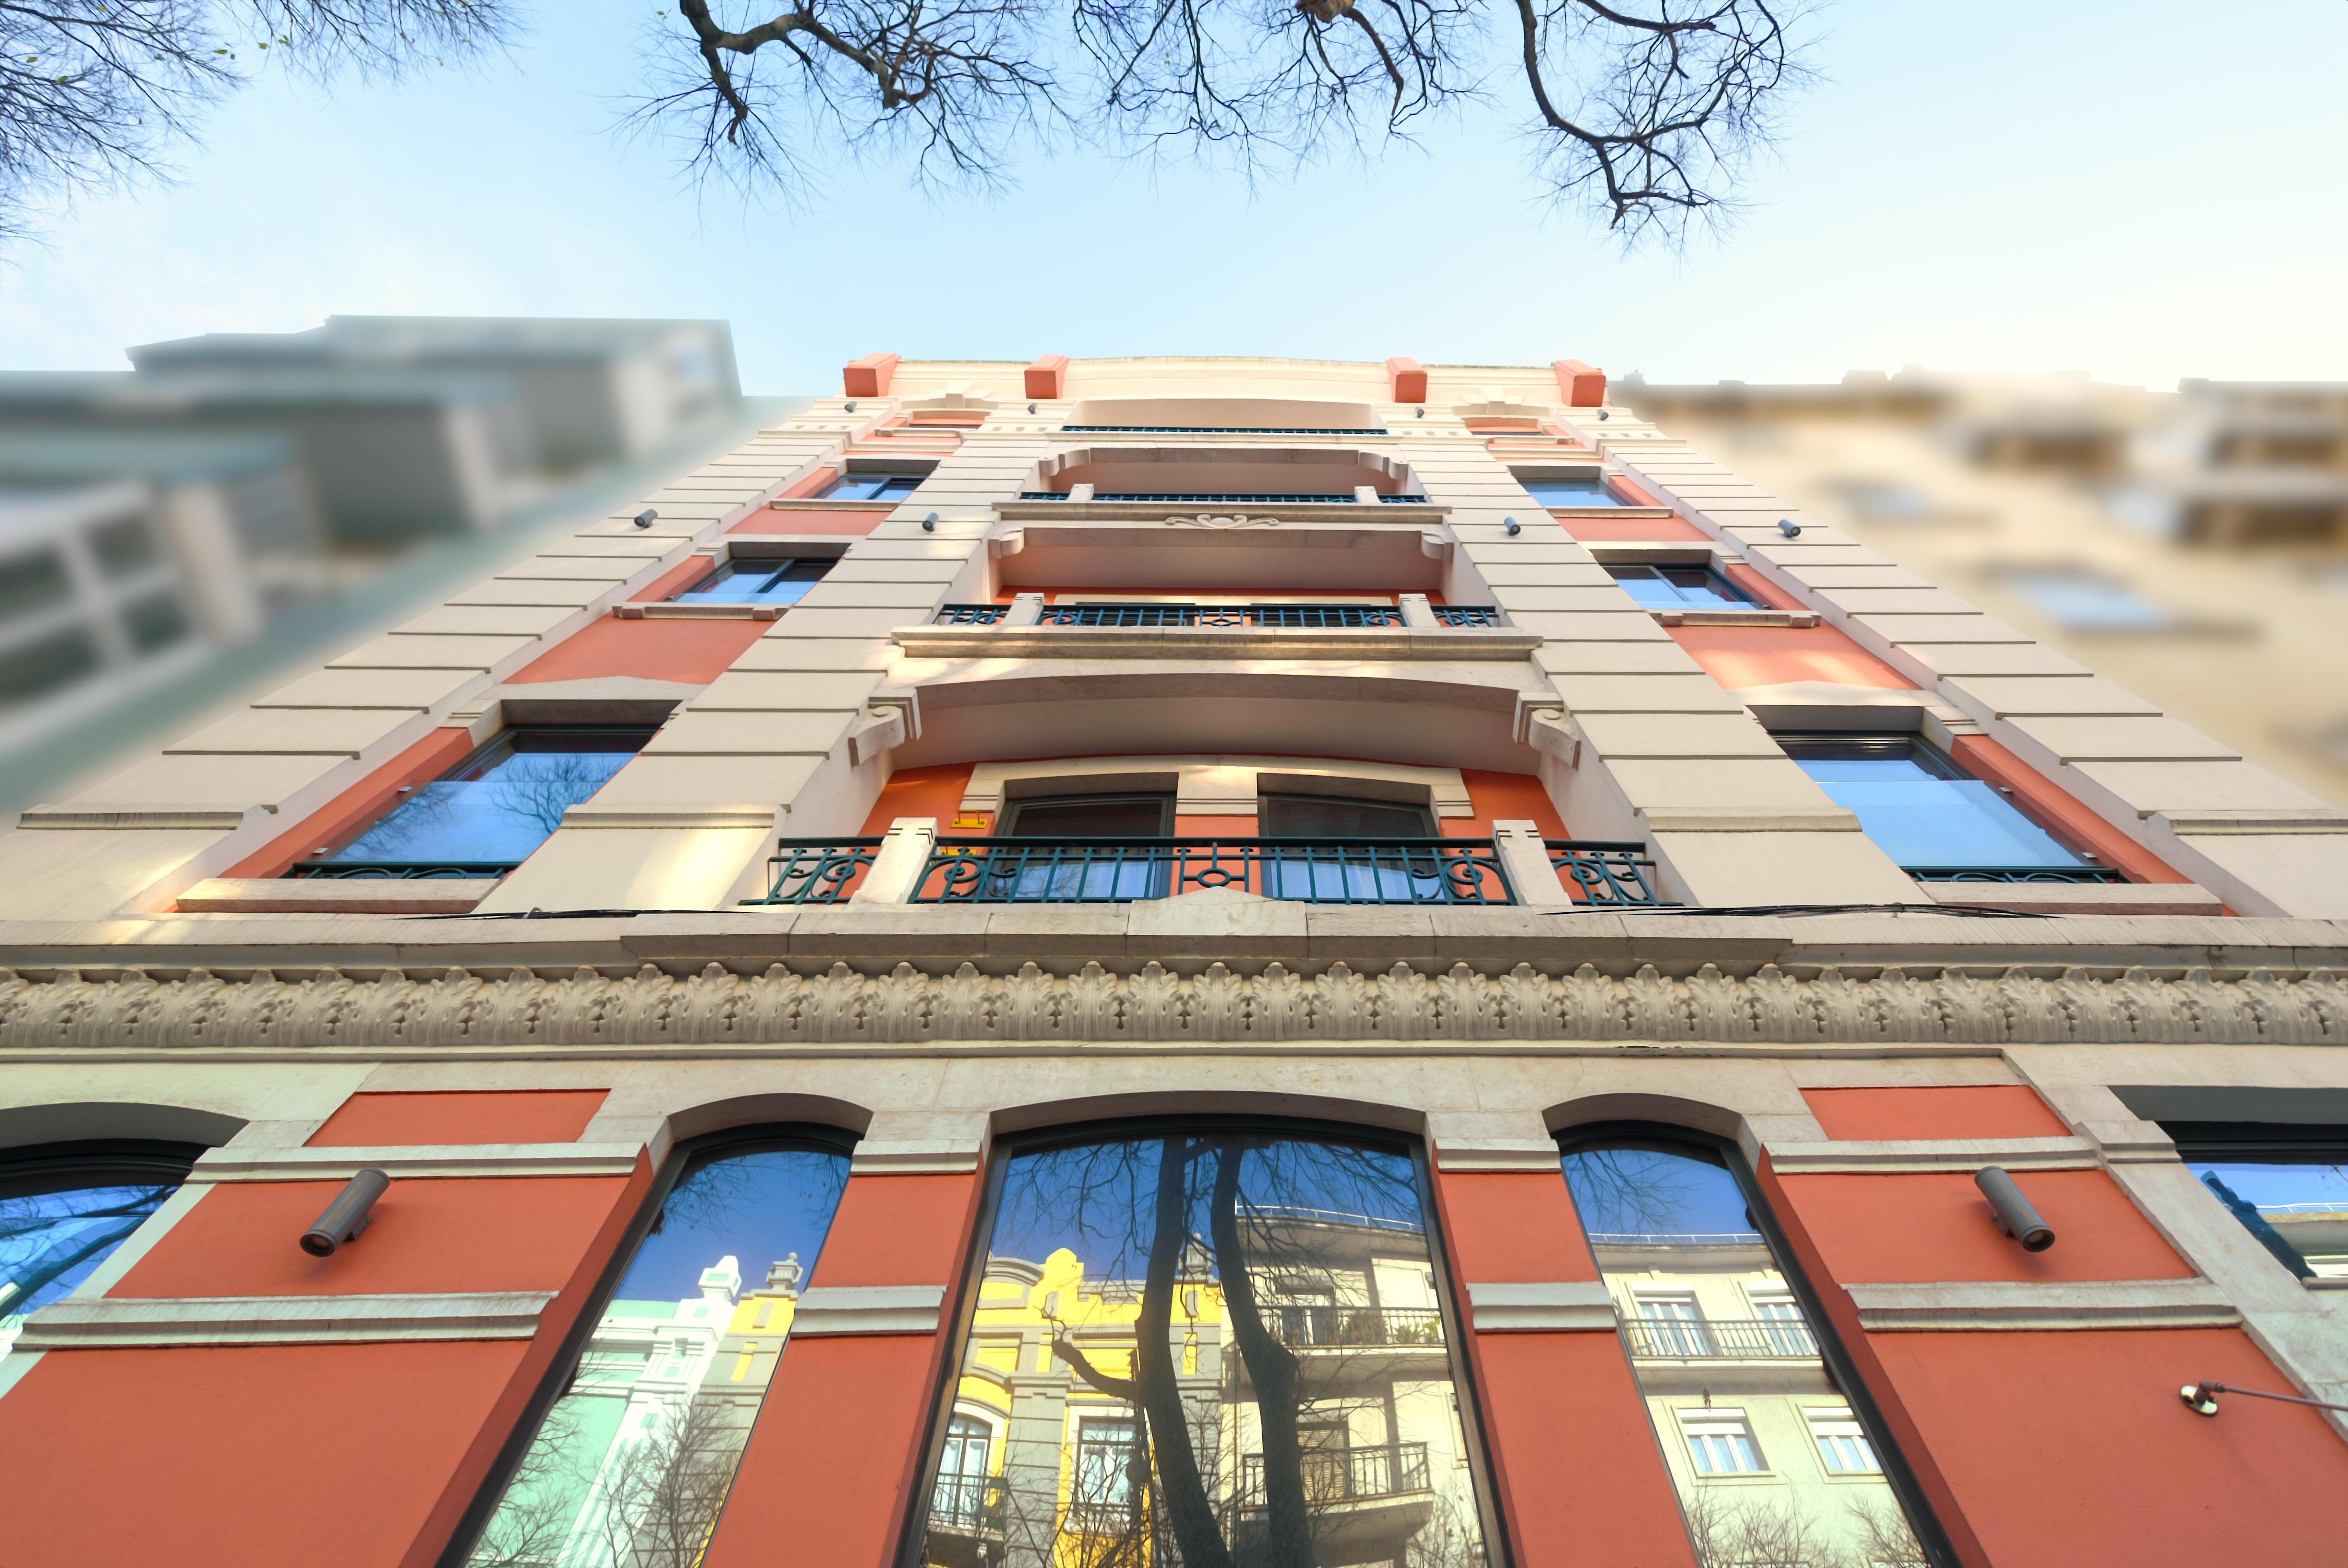 Hotel-Luena-Exterior-Facade